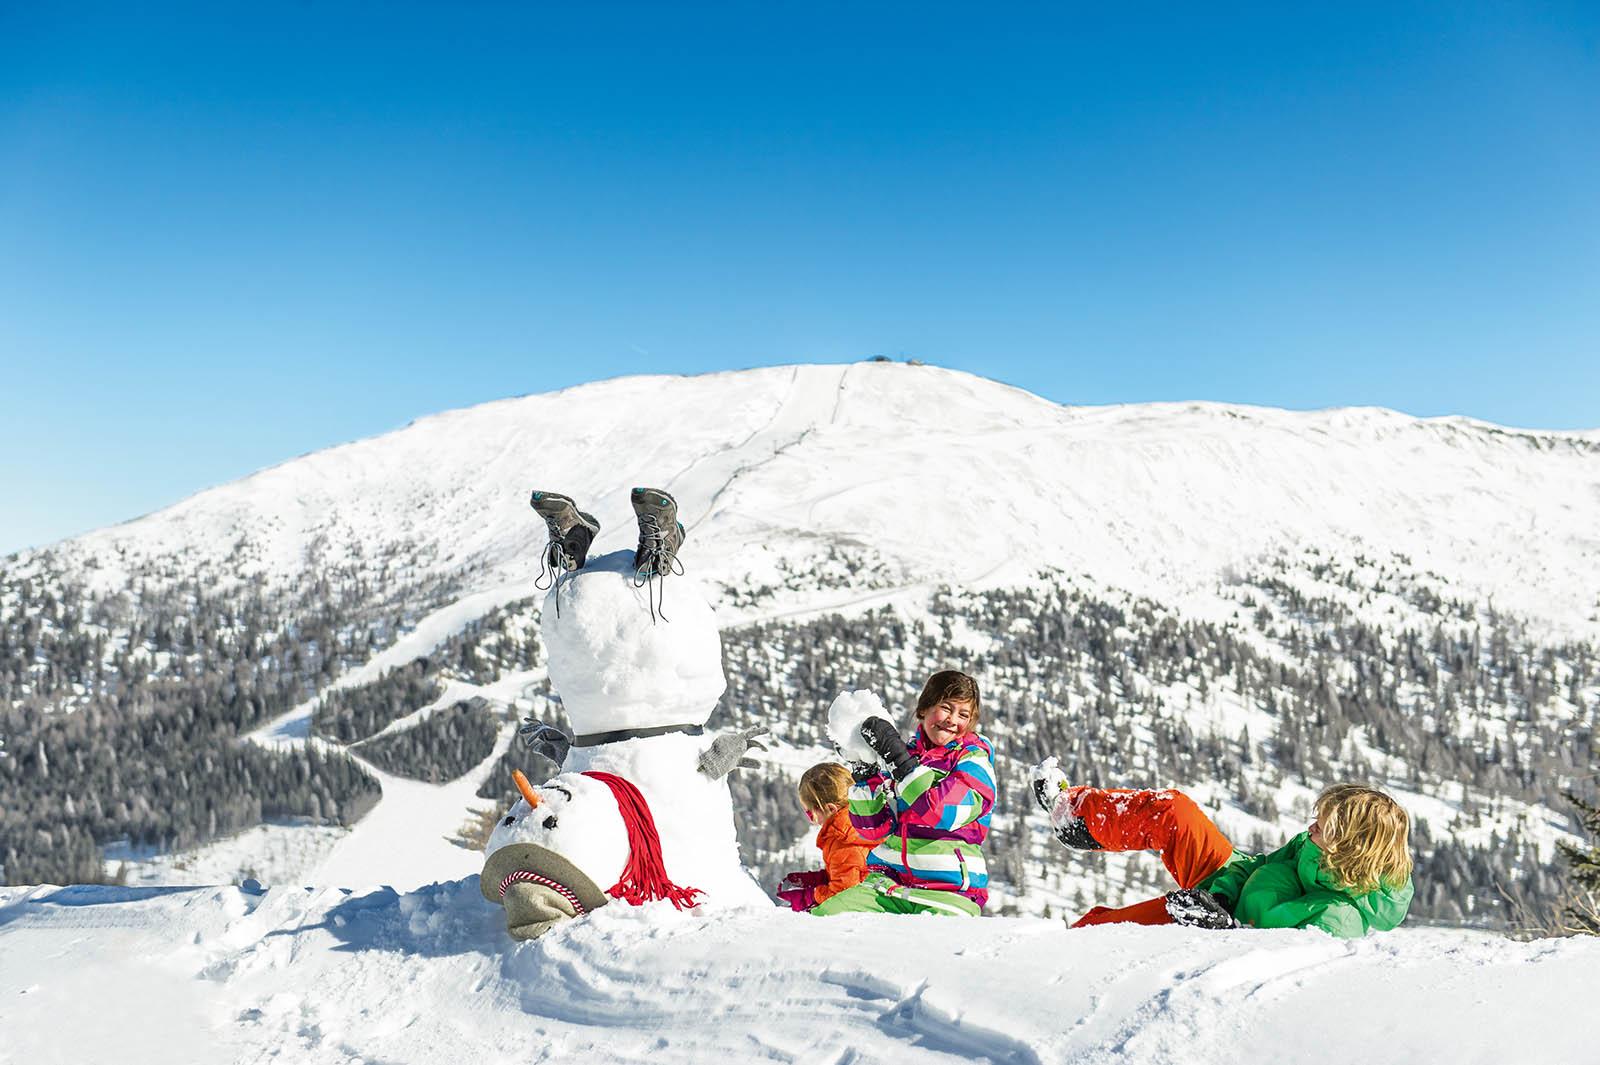 austria-carinzia-inverno-FranzGERDL_KaerntenWerbung_Katschberg_Schneemann-cover